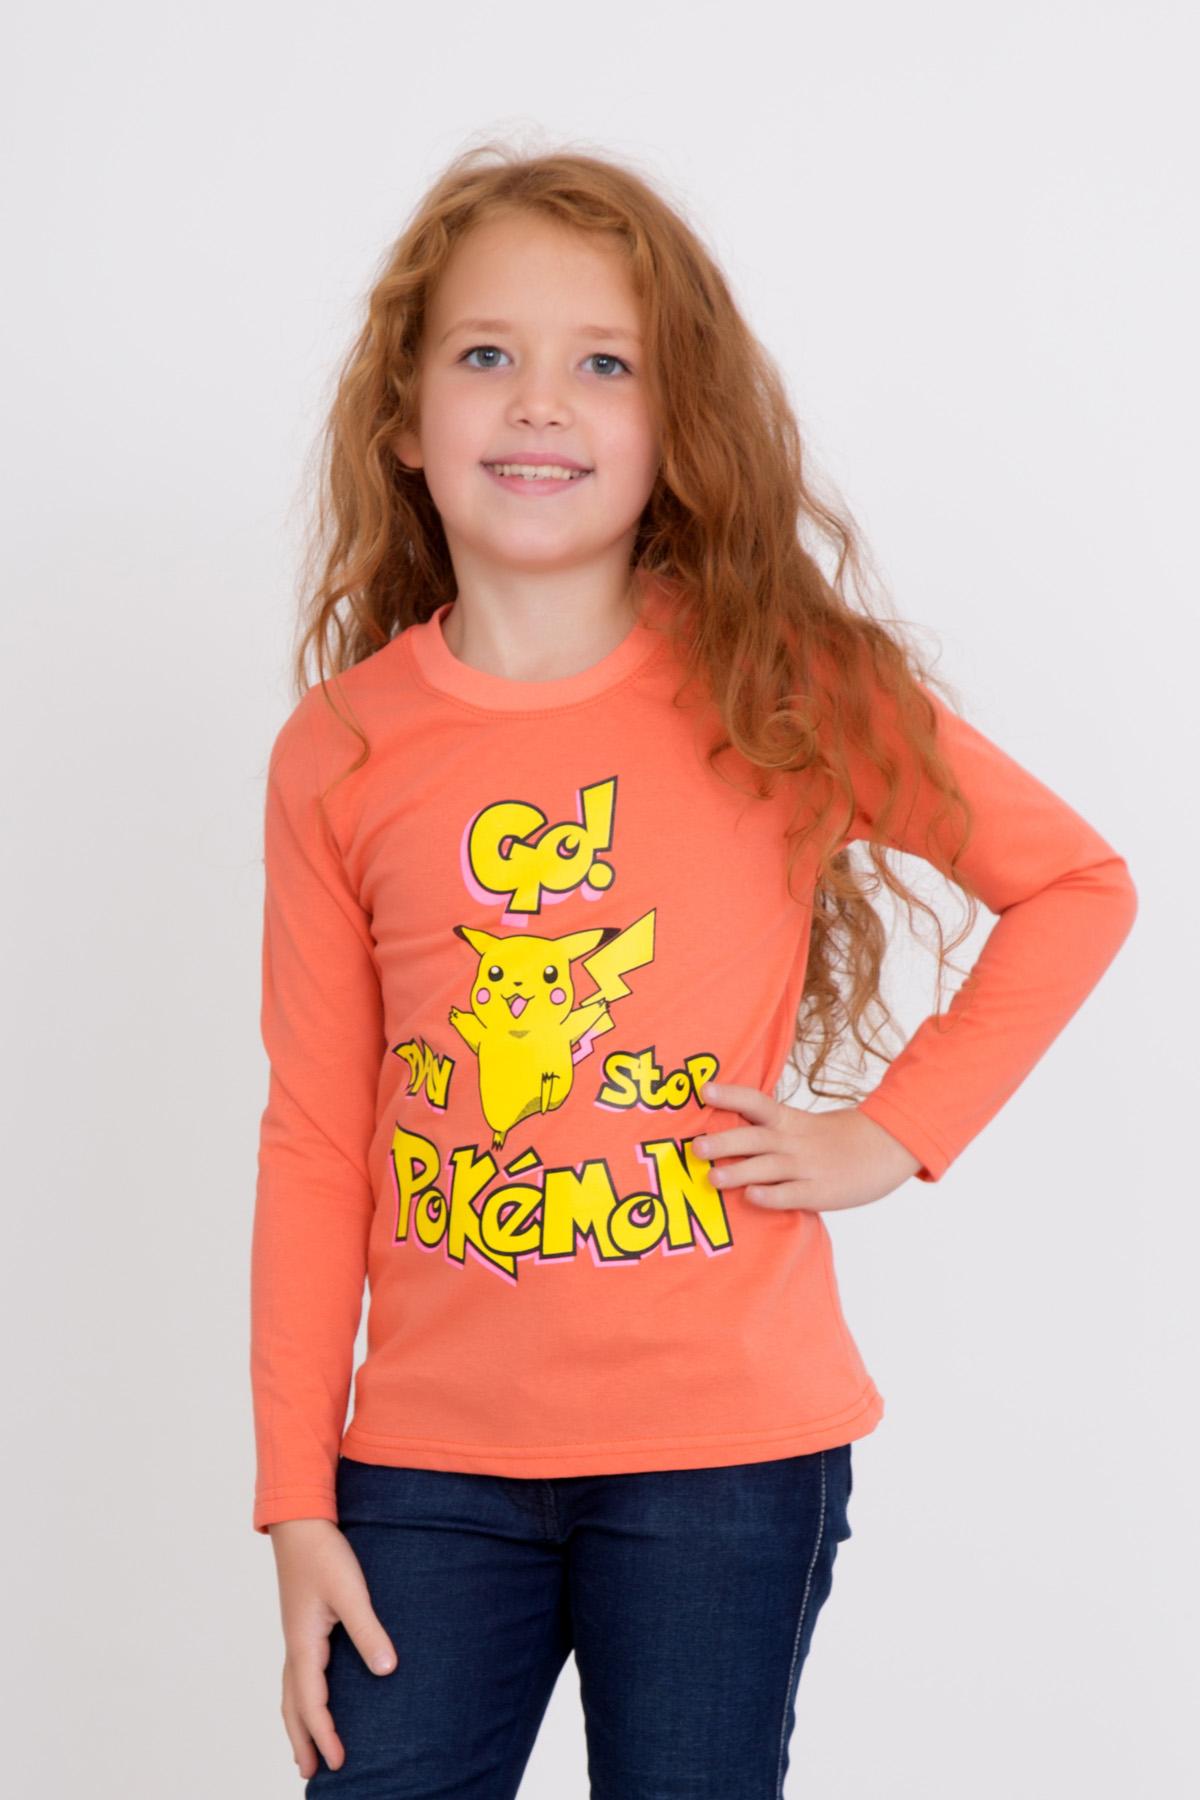 Дет. футболка Покемон Оранжевый р. 34Толстовки, джемпера и рубашки<br><br><br>Тип: Дет. футболка<br>Размер: 34<br>Материал: Кулирка